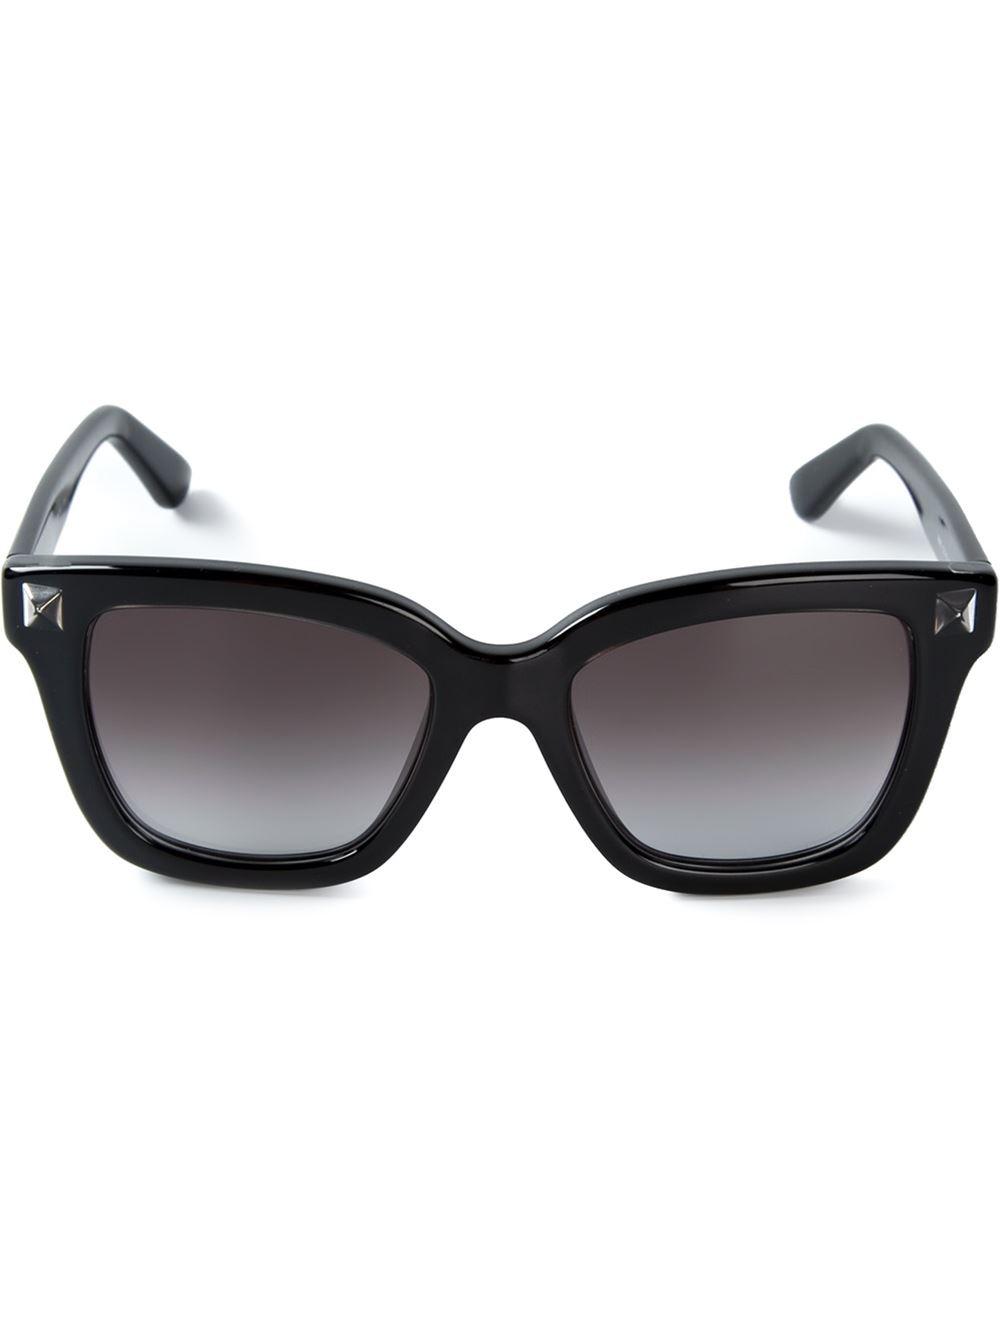 valentino-black-rockstud-sunglasses-product-1-27563542-3-573488894-normal.jpeg